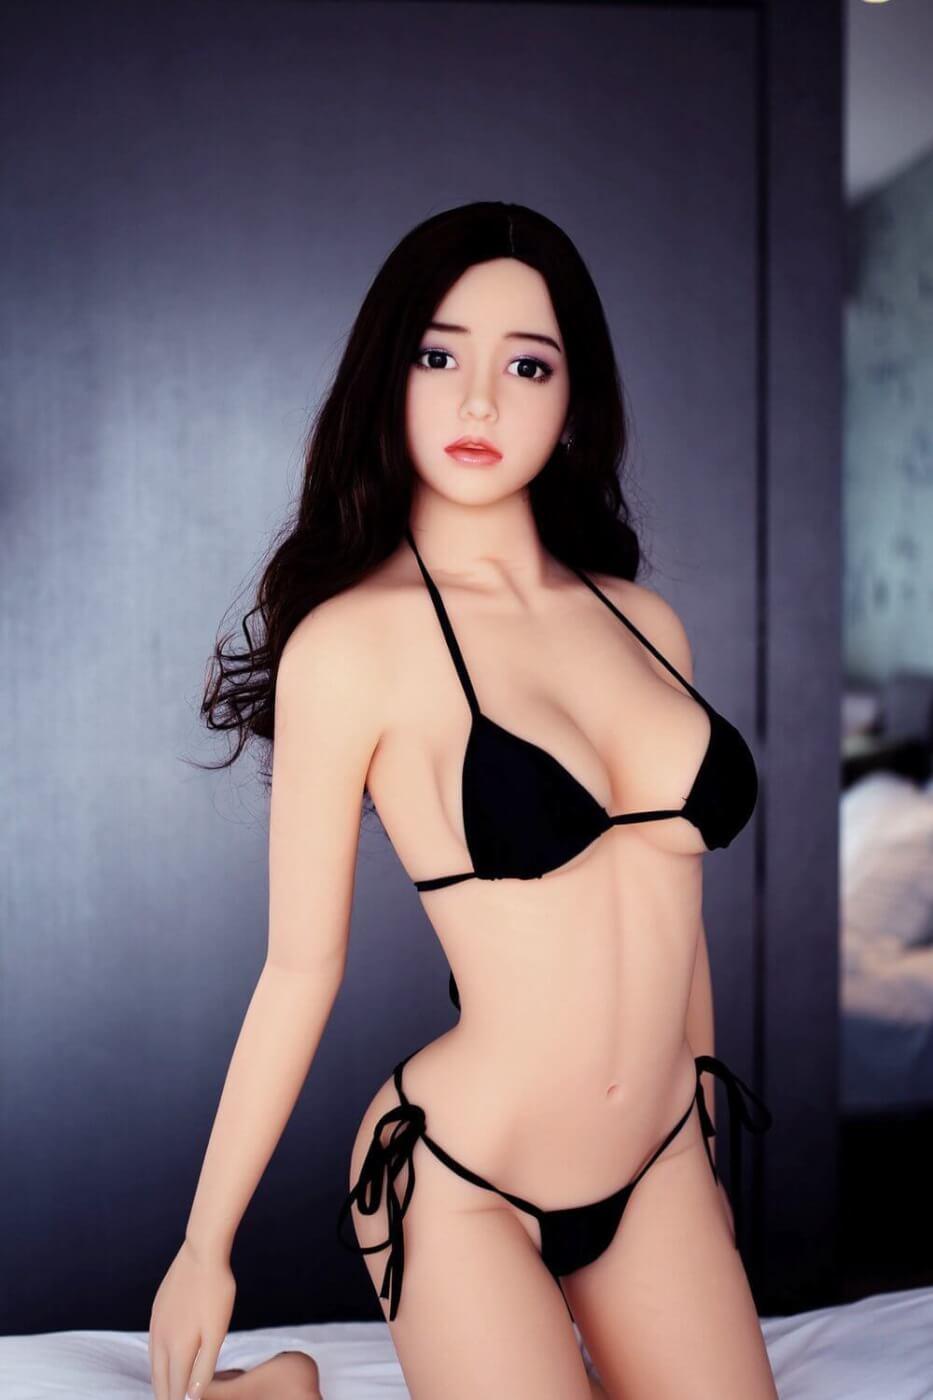 Maya AI Sexbot